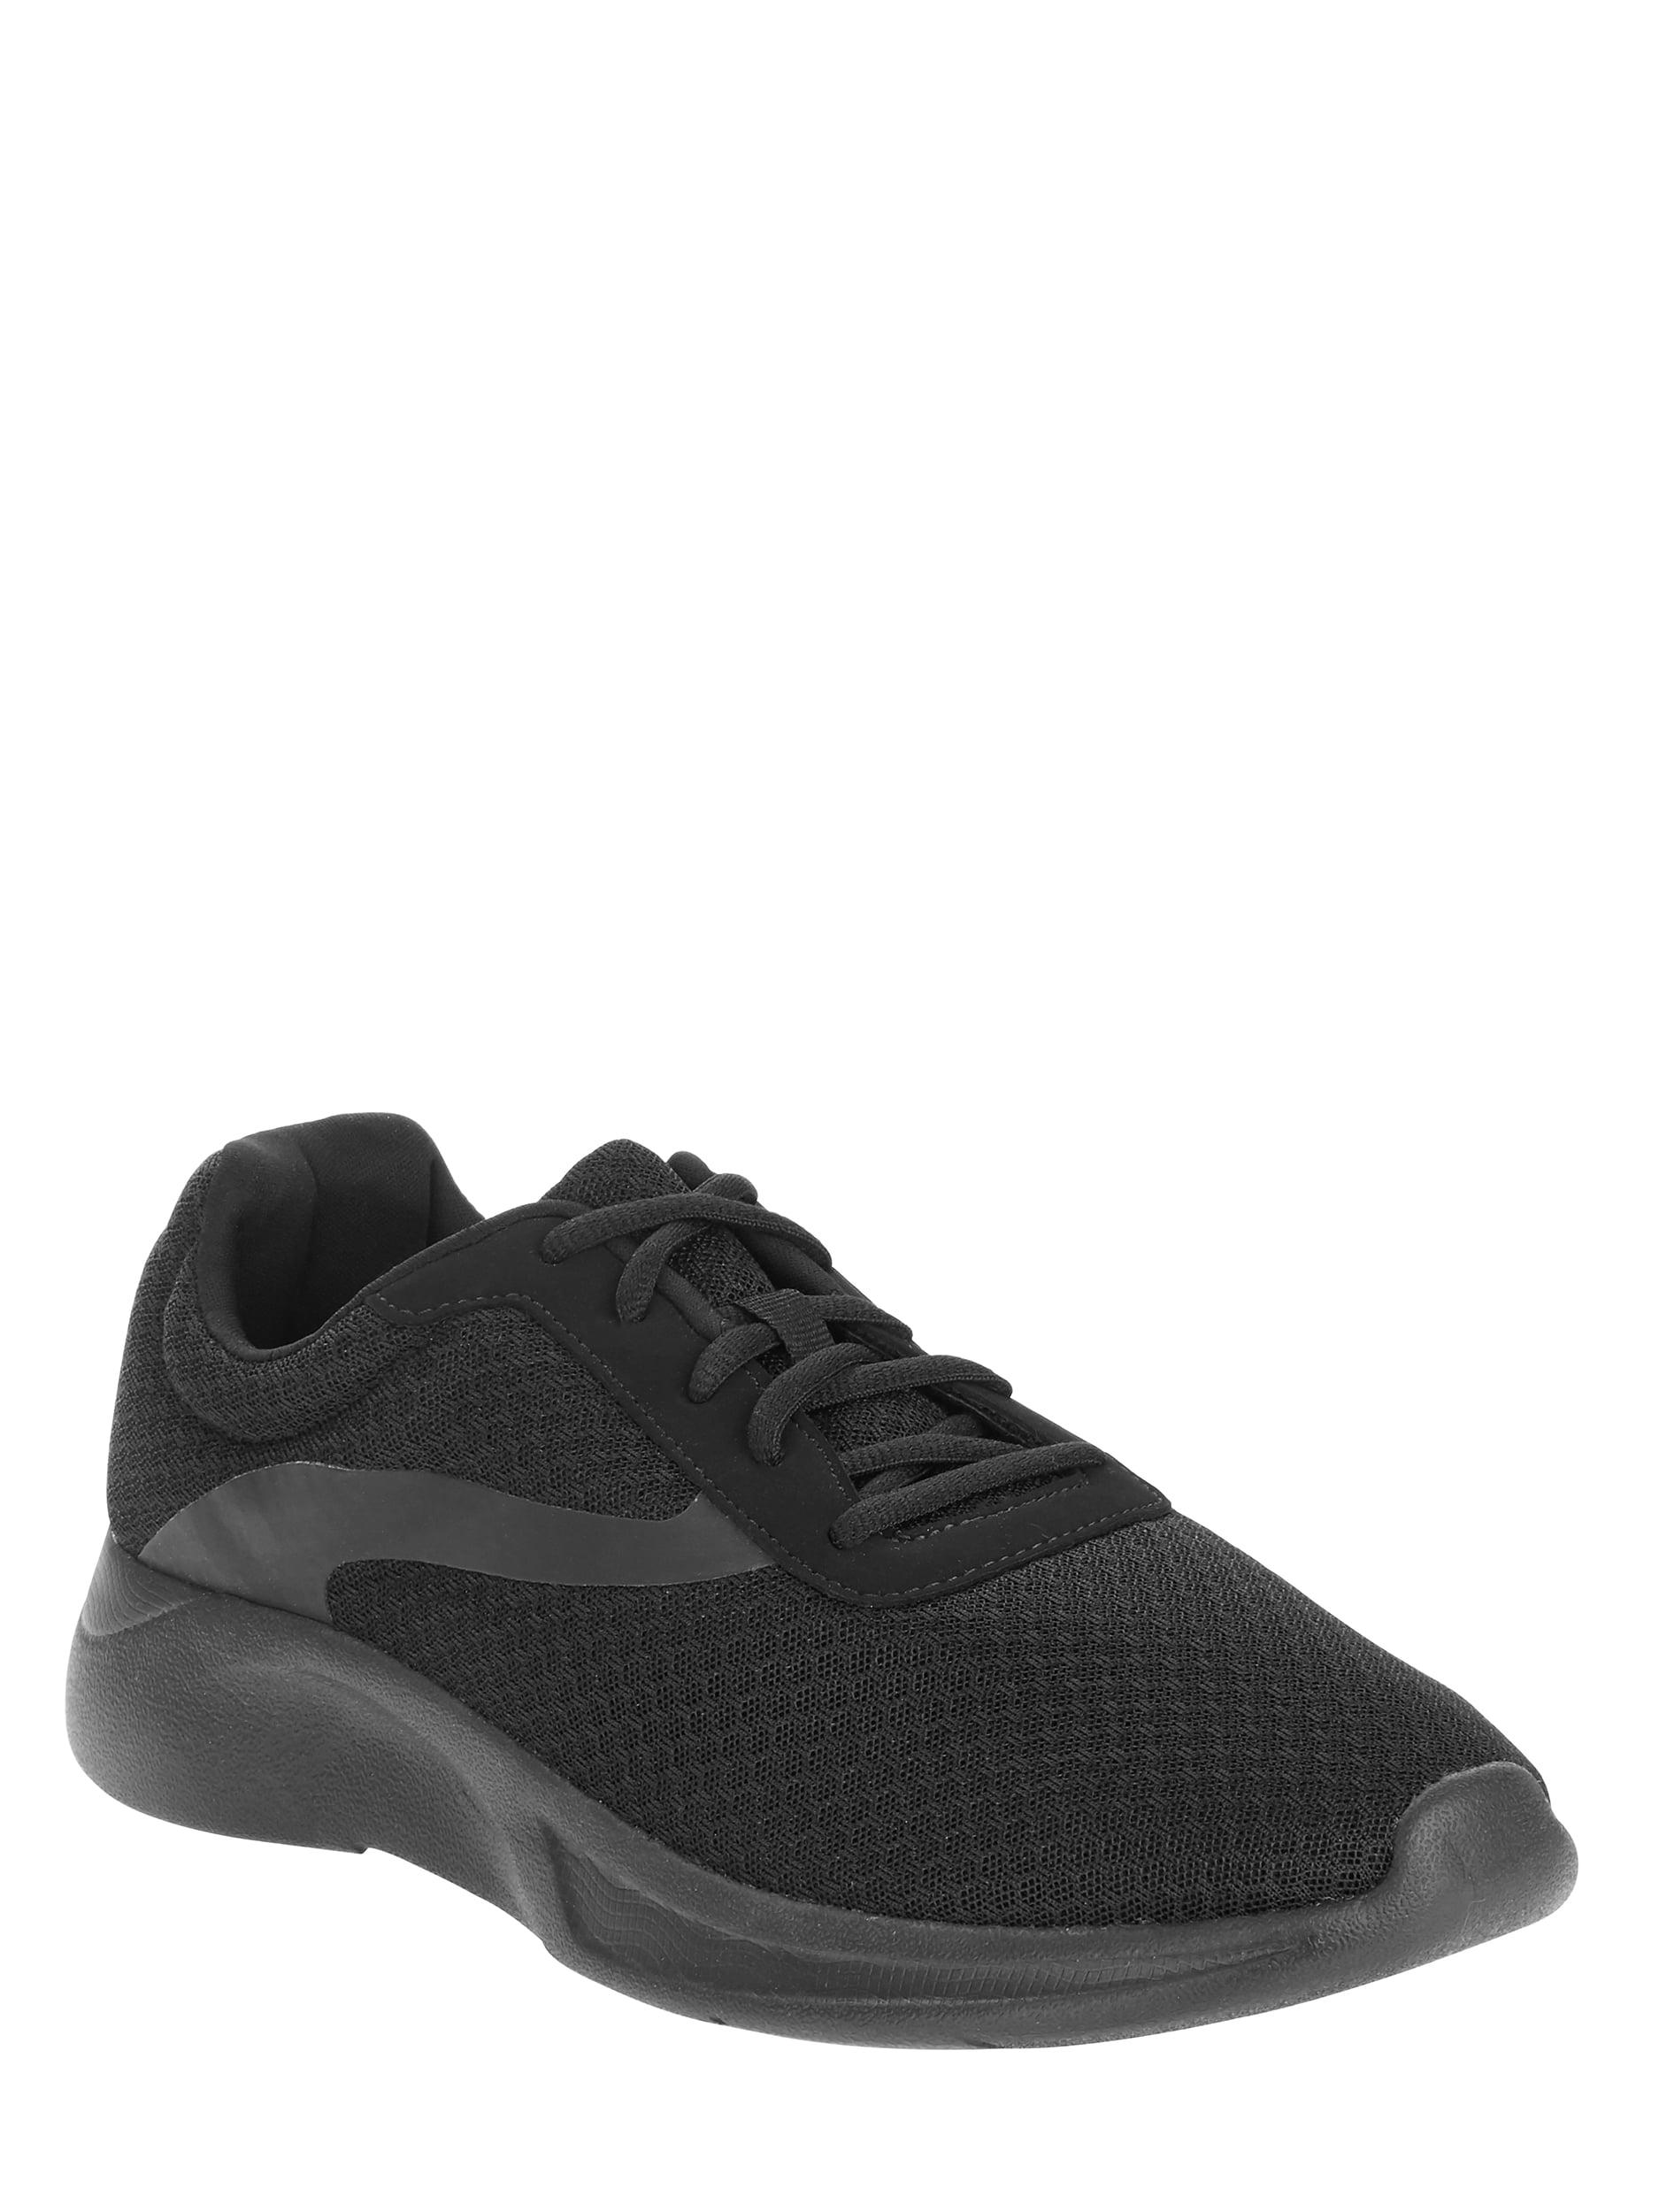 Athletic Works Basic Athletic Shoe